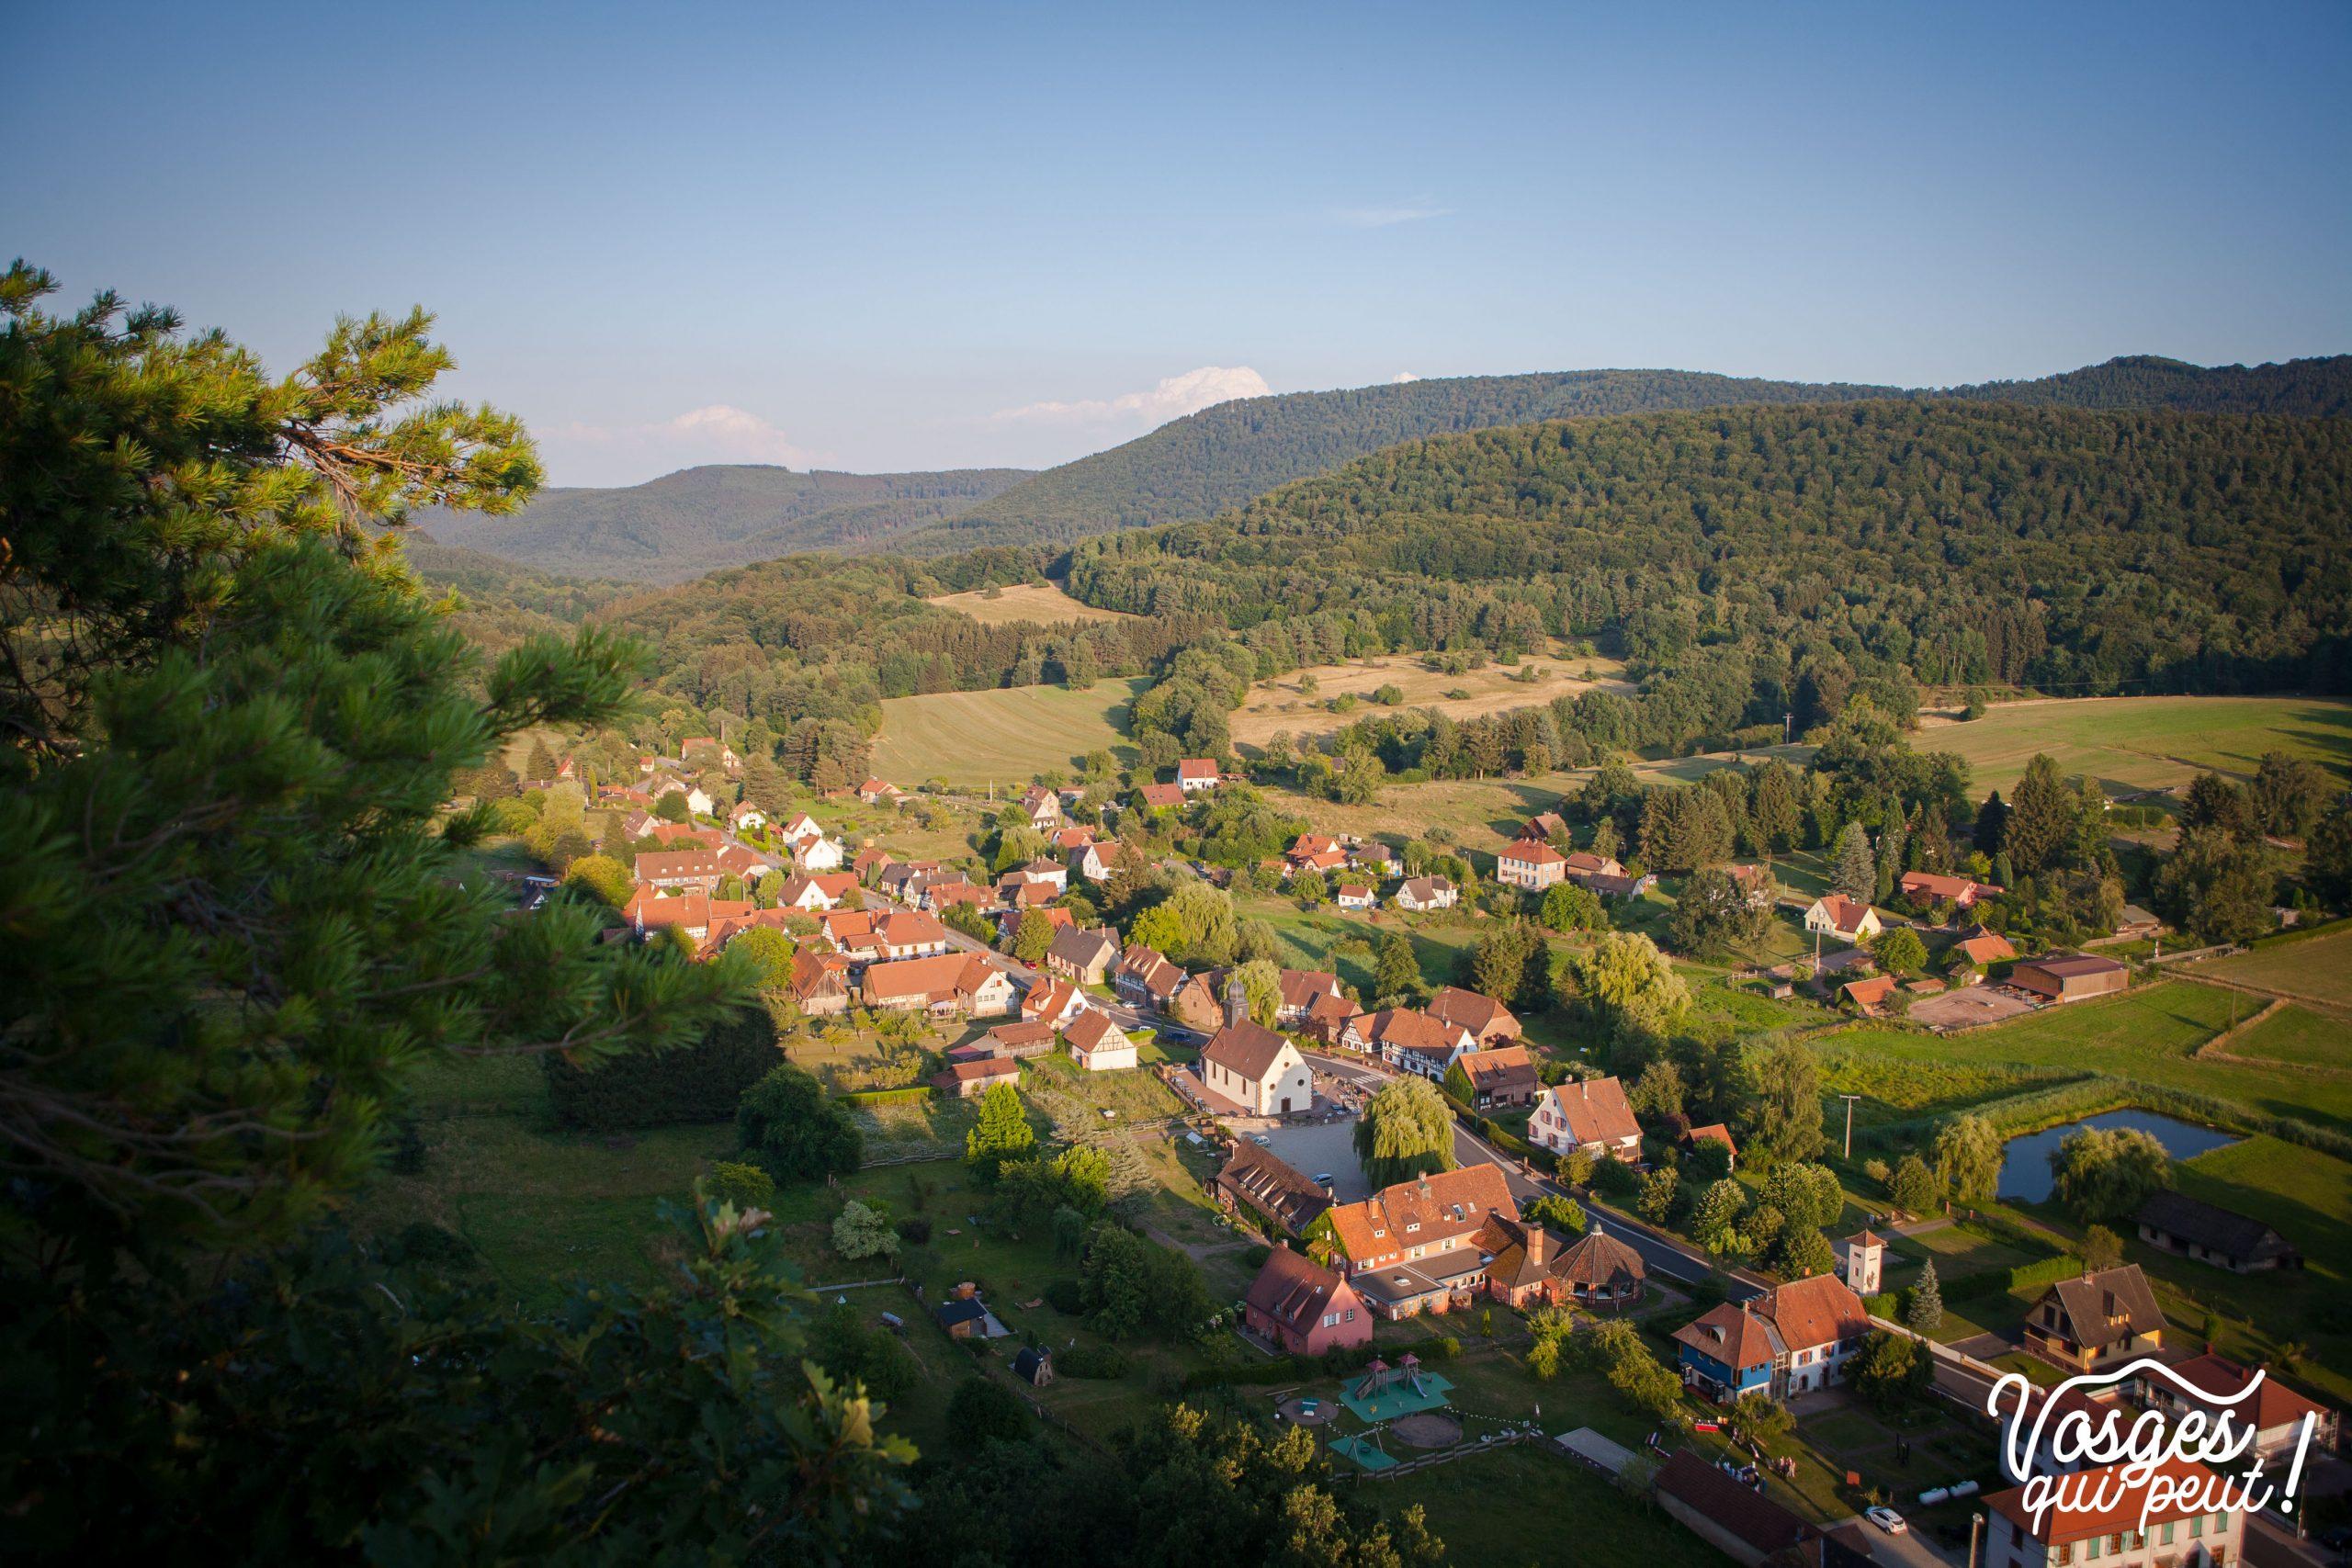 Le village d'Obersteinbach dans les Vosges du Nord